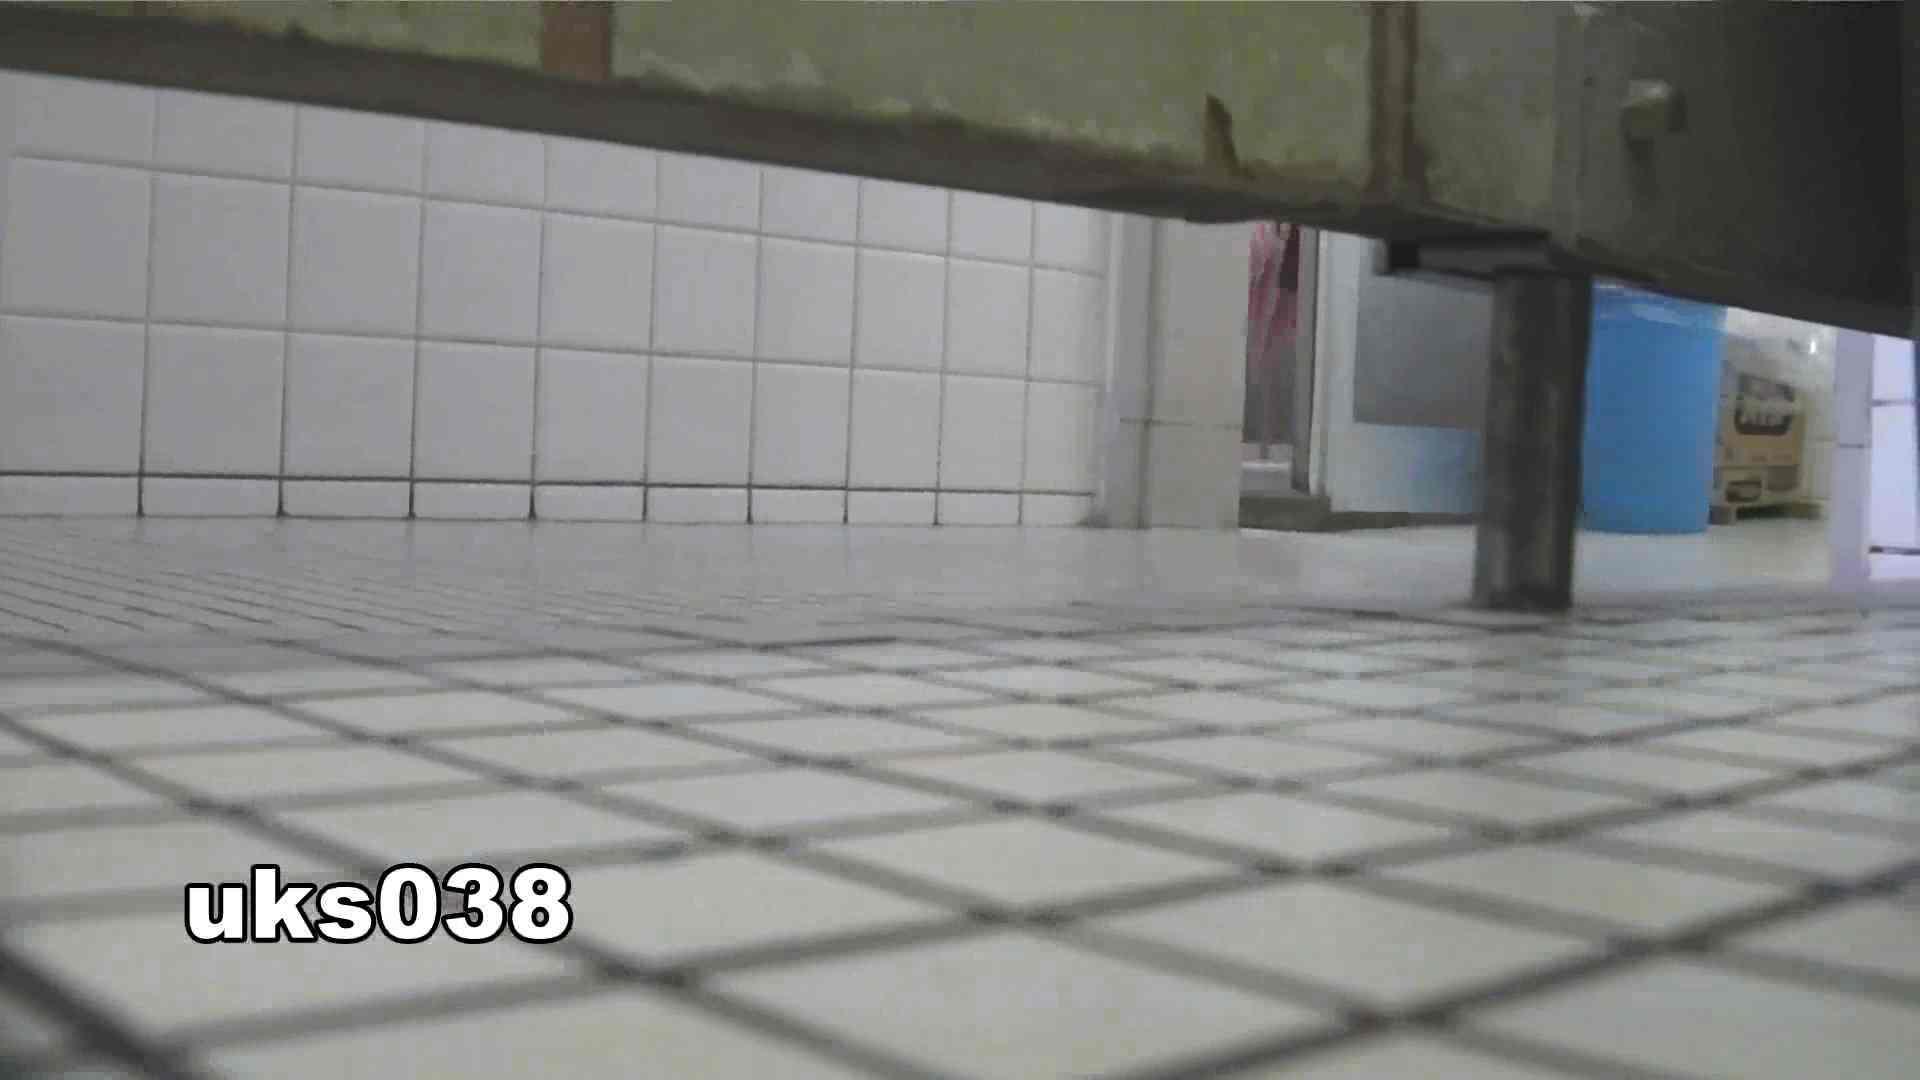 【美しき個室な世界】 vol.038 リボンだけでなく腰つきもエロス 洗面所 ヌード画像 84連発 14